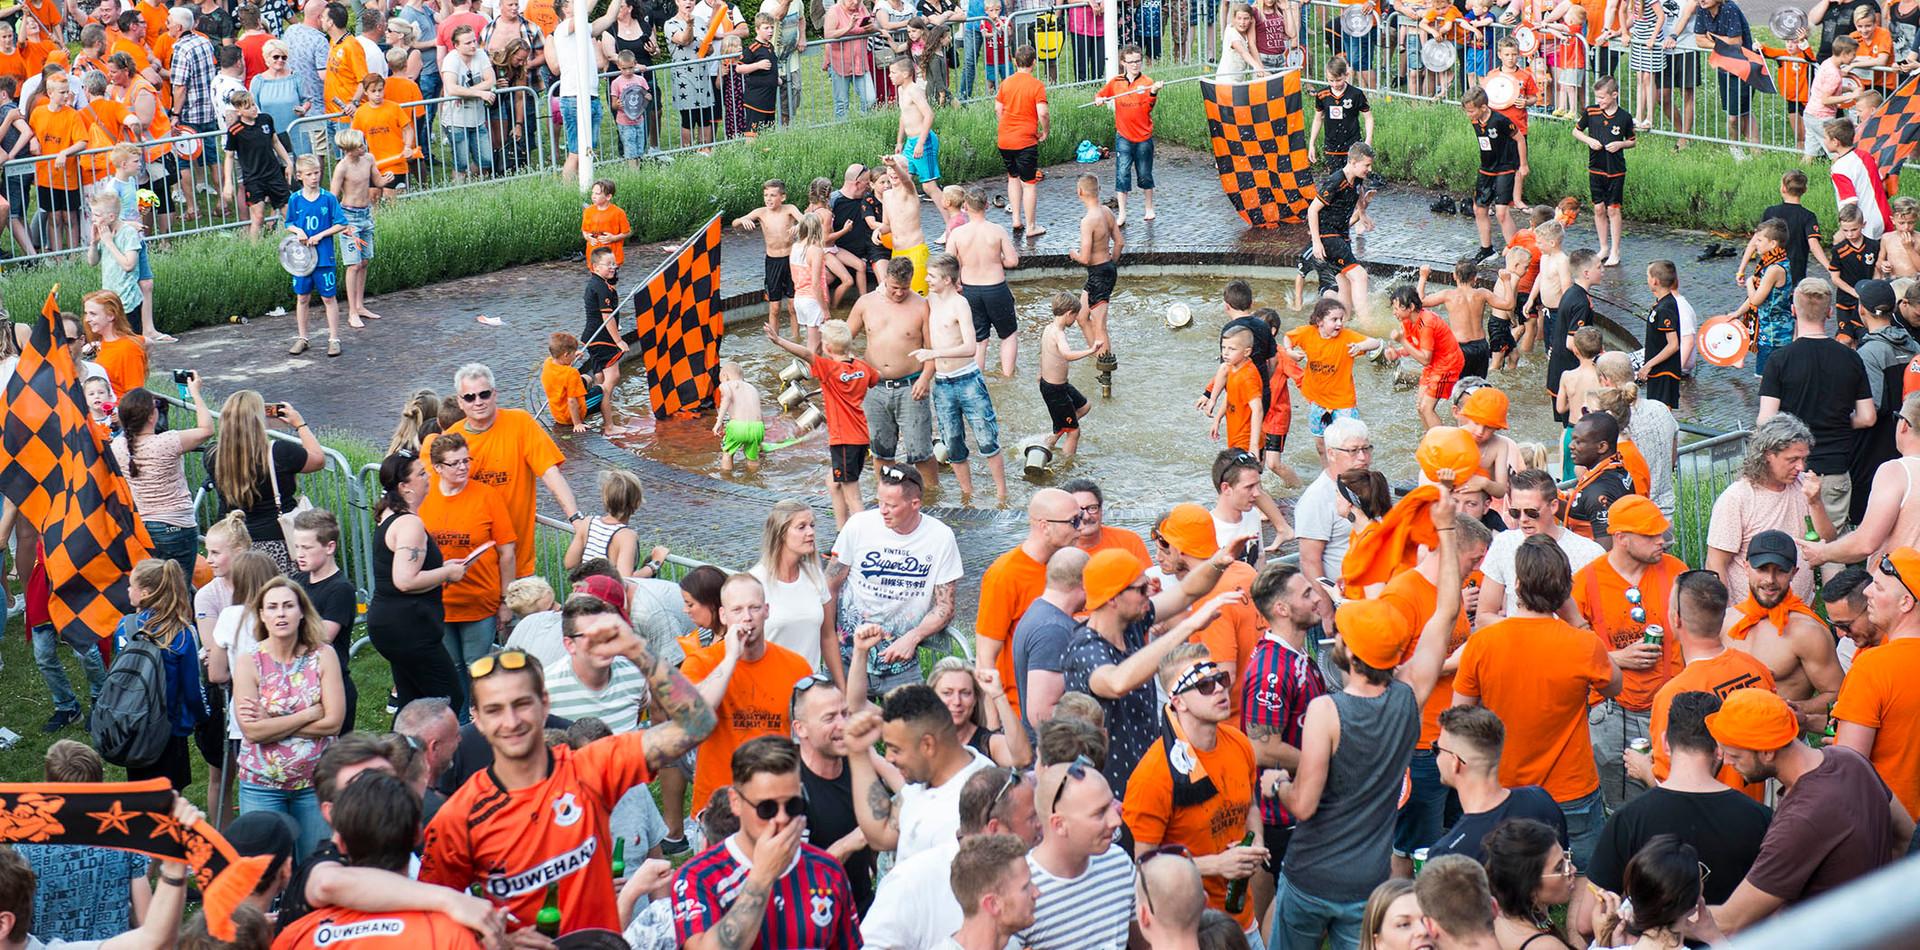 Katwijk_kampioen_DSC_0754_LR.jpg